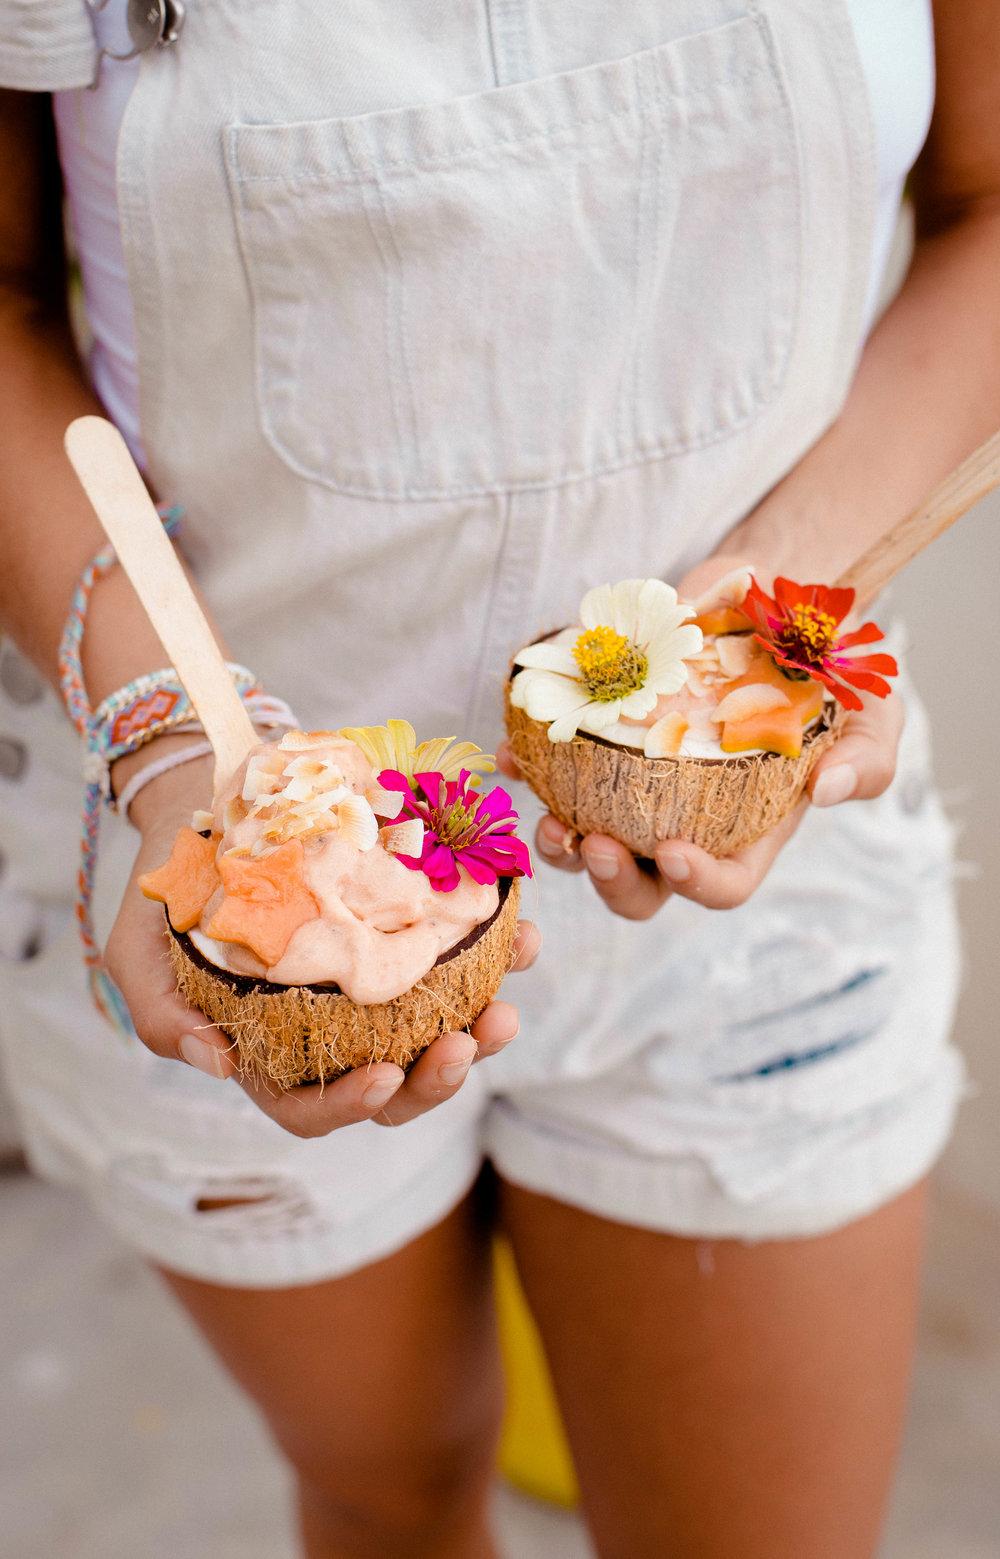 papaya-smoothie-bowls-vegan.jpg